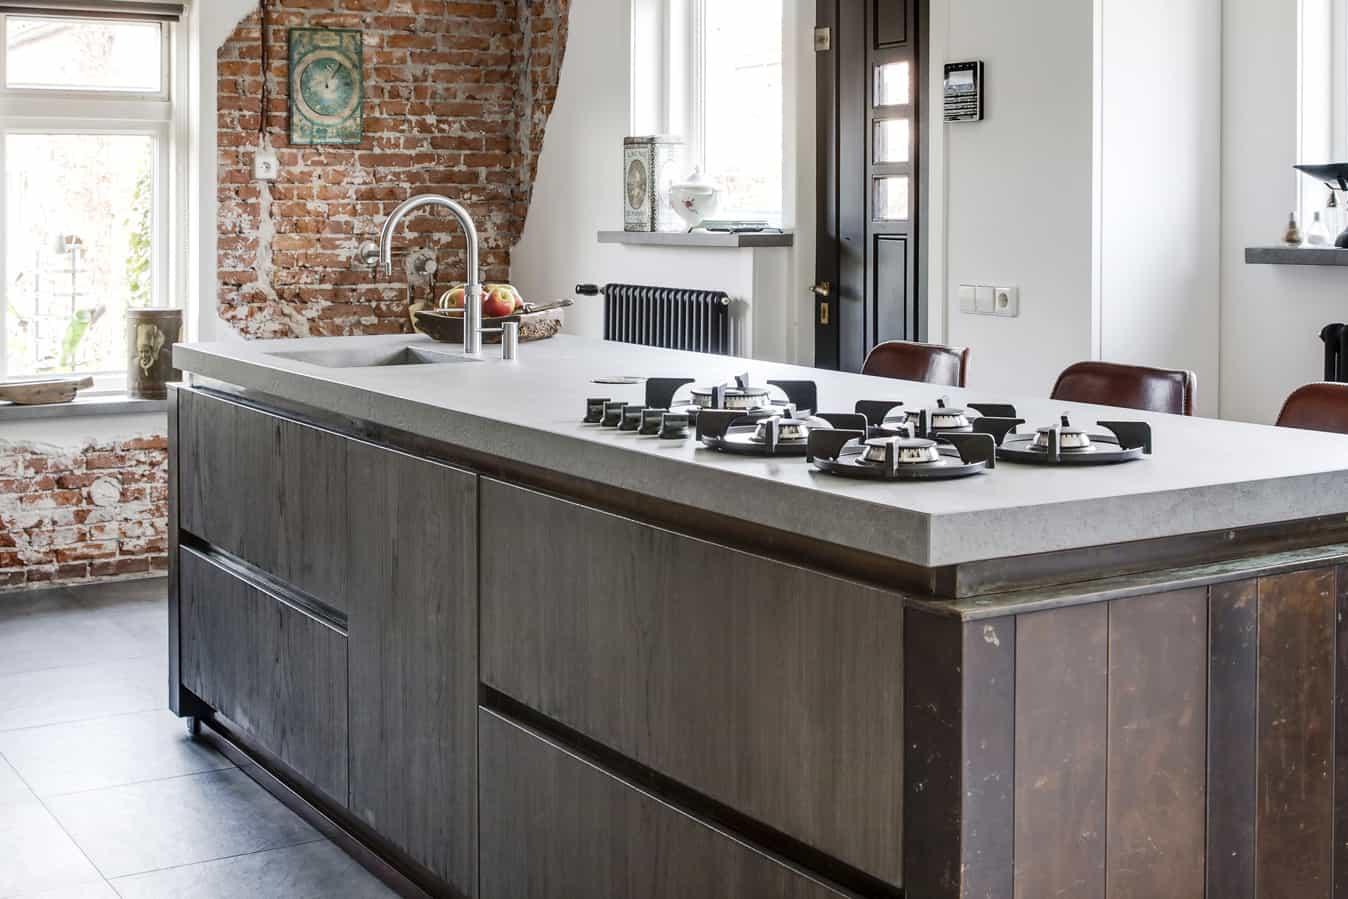 Keuken Met Koper